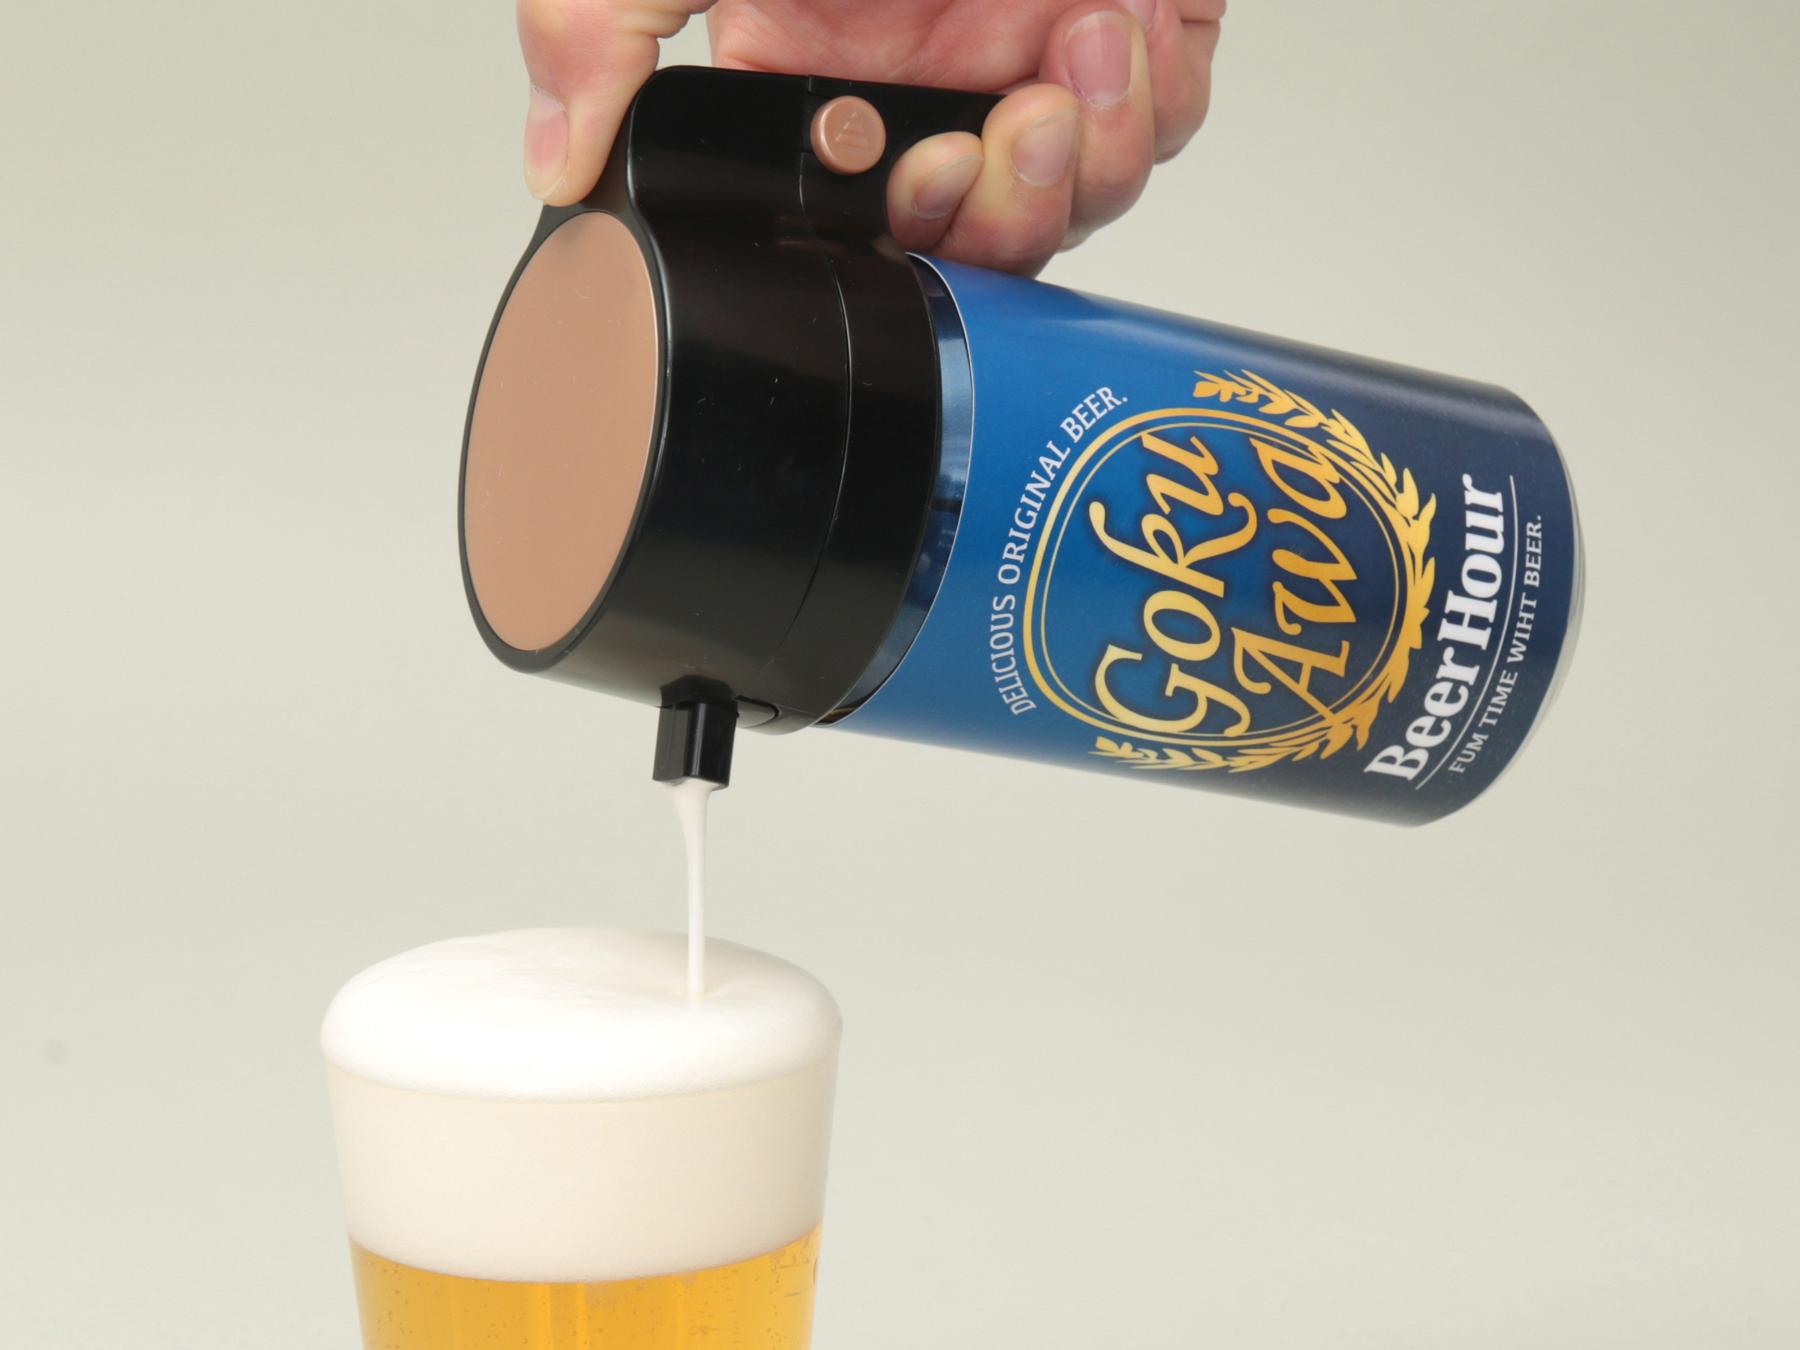 『ビールアワー 極泡ポータブル』(ブラック)